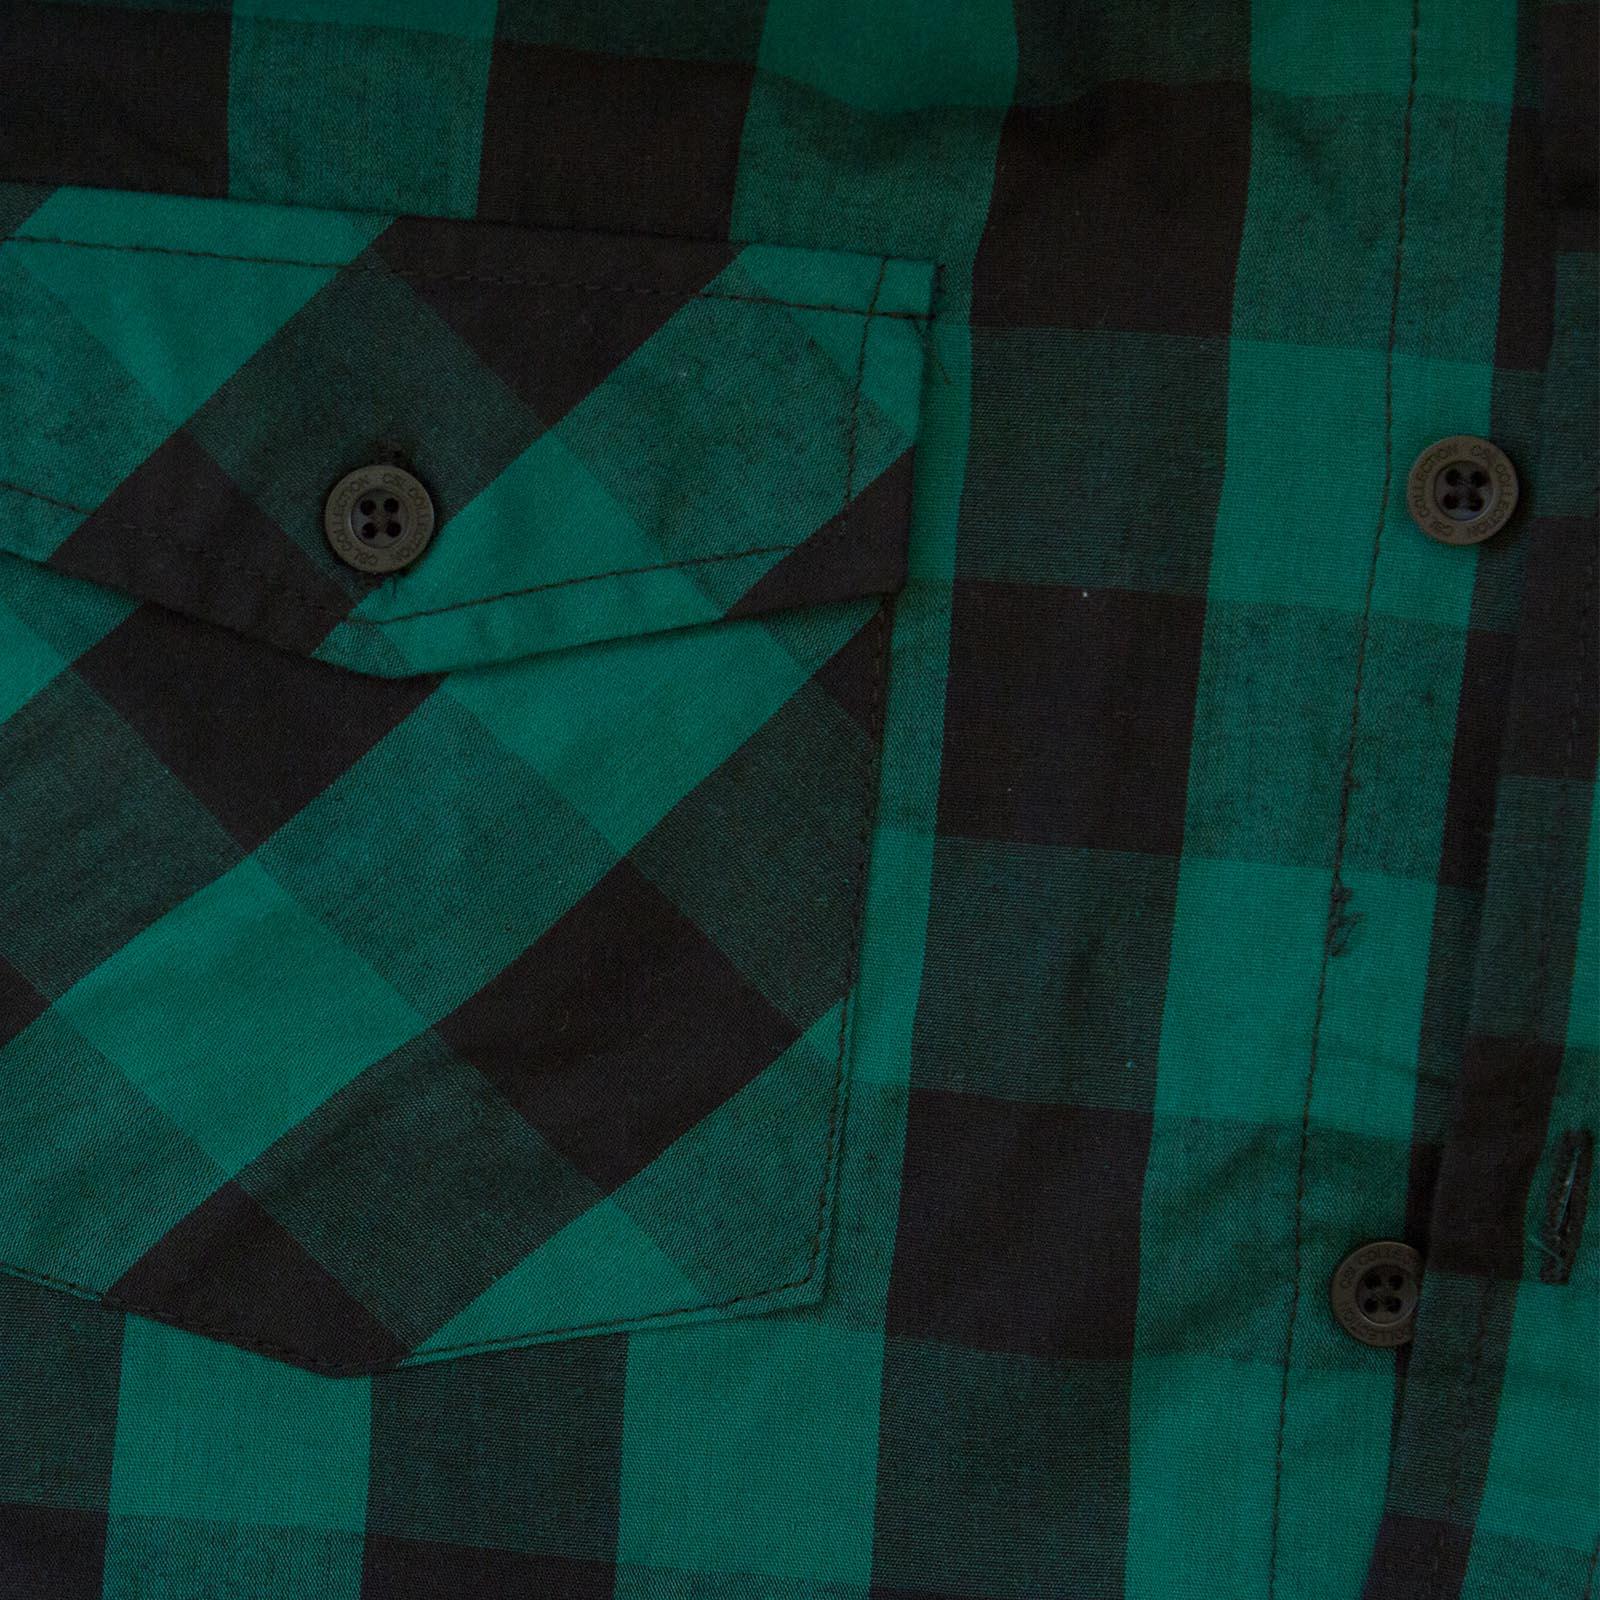 Модная мужская рубашка Colegao Csl - карман